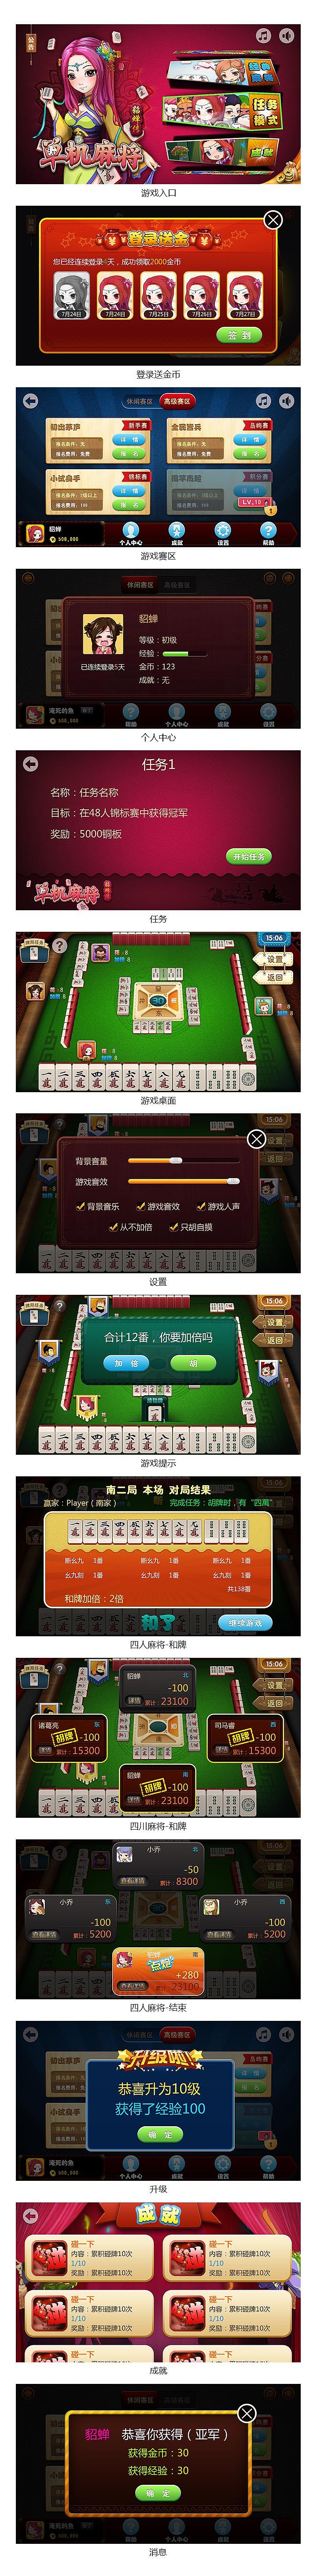 真人轮盘技巧轮盘游戏是一个非常流行的游戏,因为它不需要什么技巧,只要投注,然后等着结果出来即可.然而事实上轮盘并非完全没有.分类: 安卓休闲益智 语言: 中文 大小: 59.5M 更新: 版本: 环境: Android, 网游 标签: 《 腾讯欢乐麻将 》是一款非常休闲的麻将类手游,也是腾讯打造的一款经典游戏.